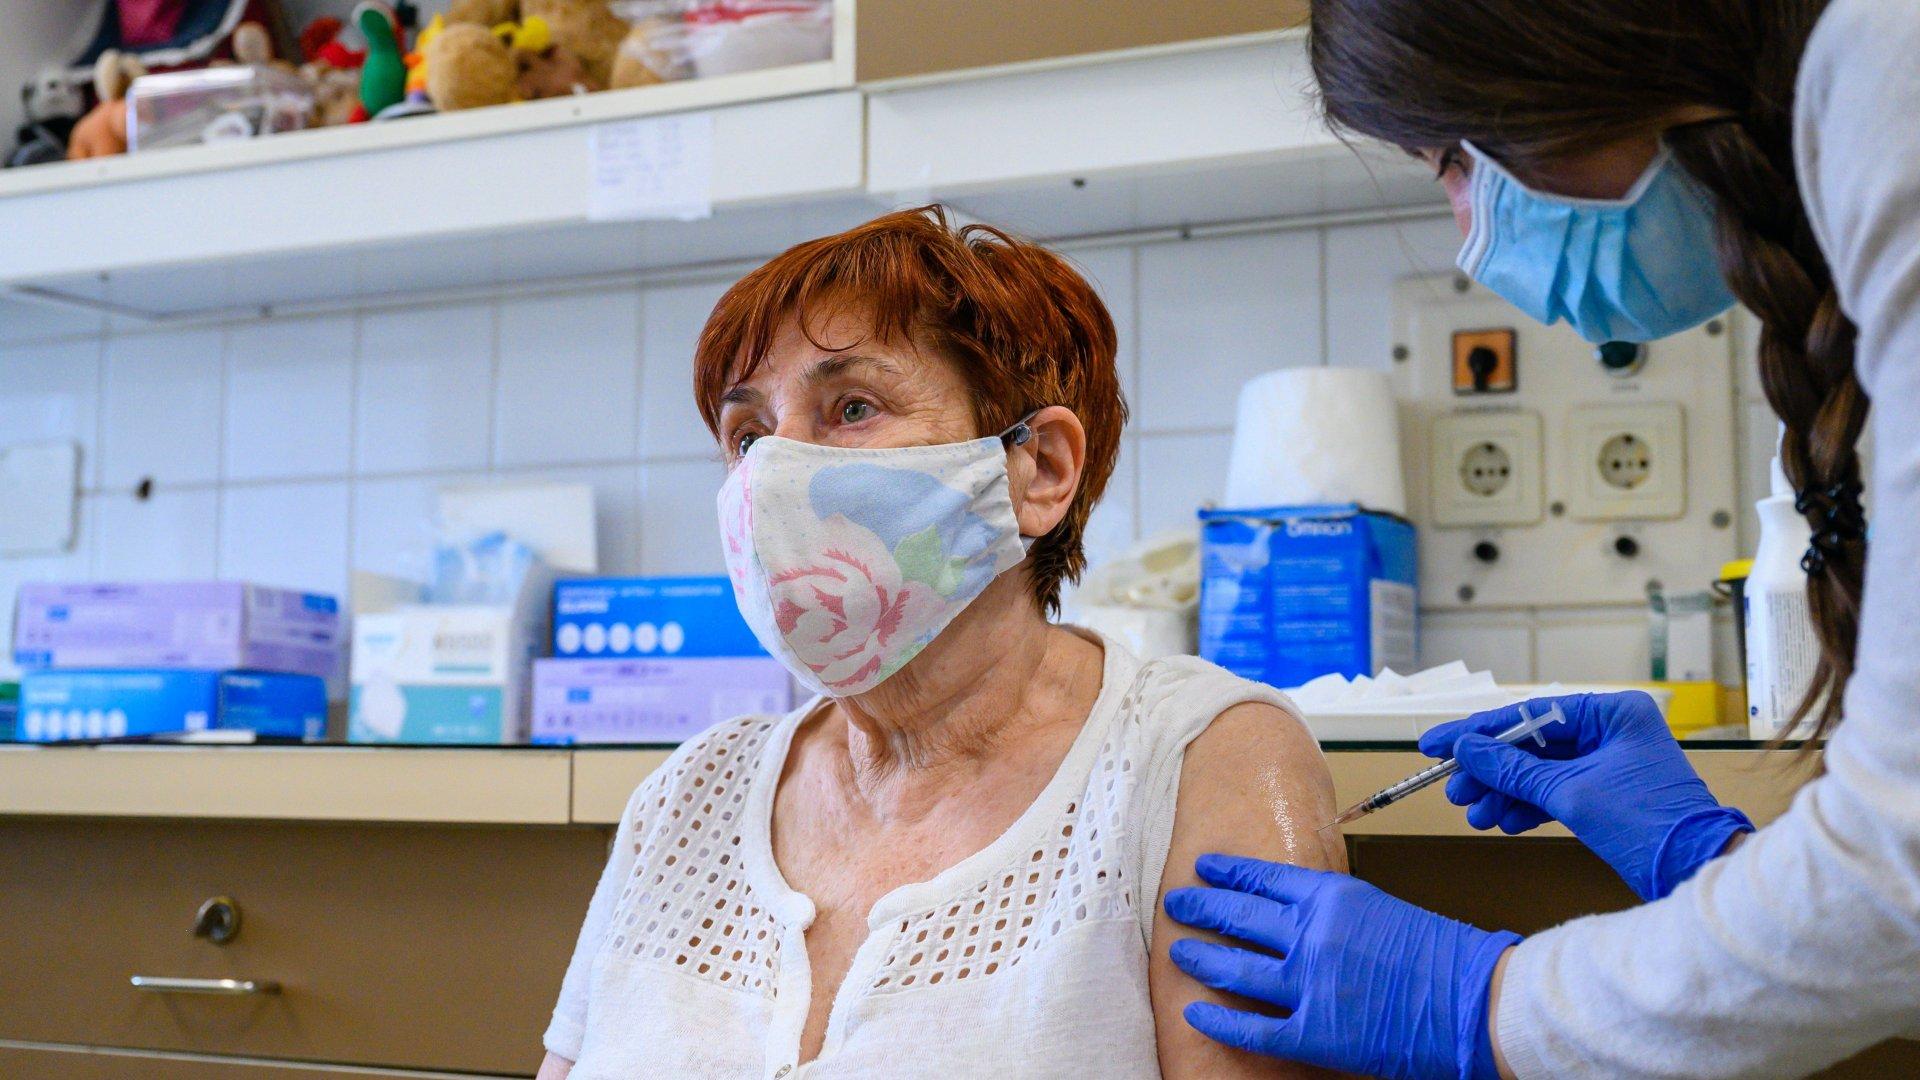 Koronavírus-vakcinával oltanak egy nőt